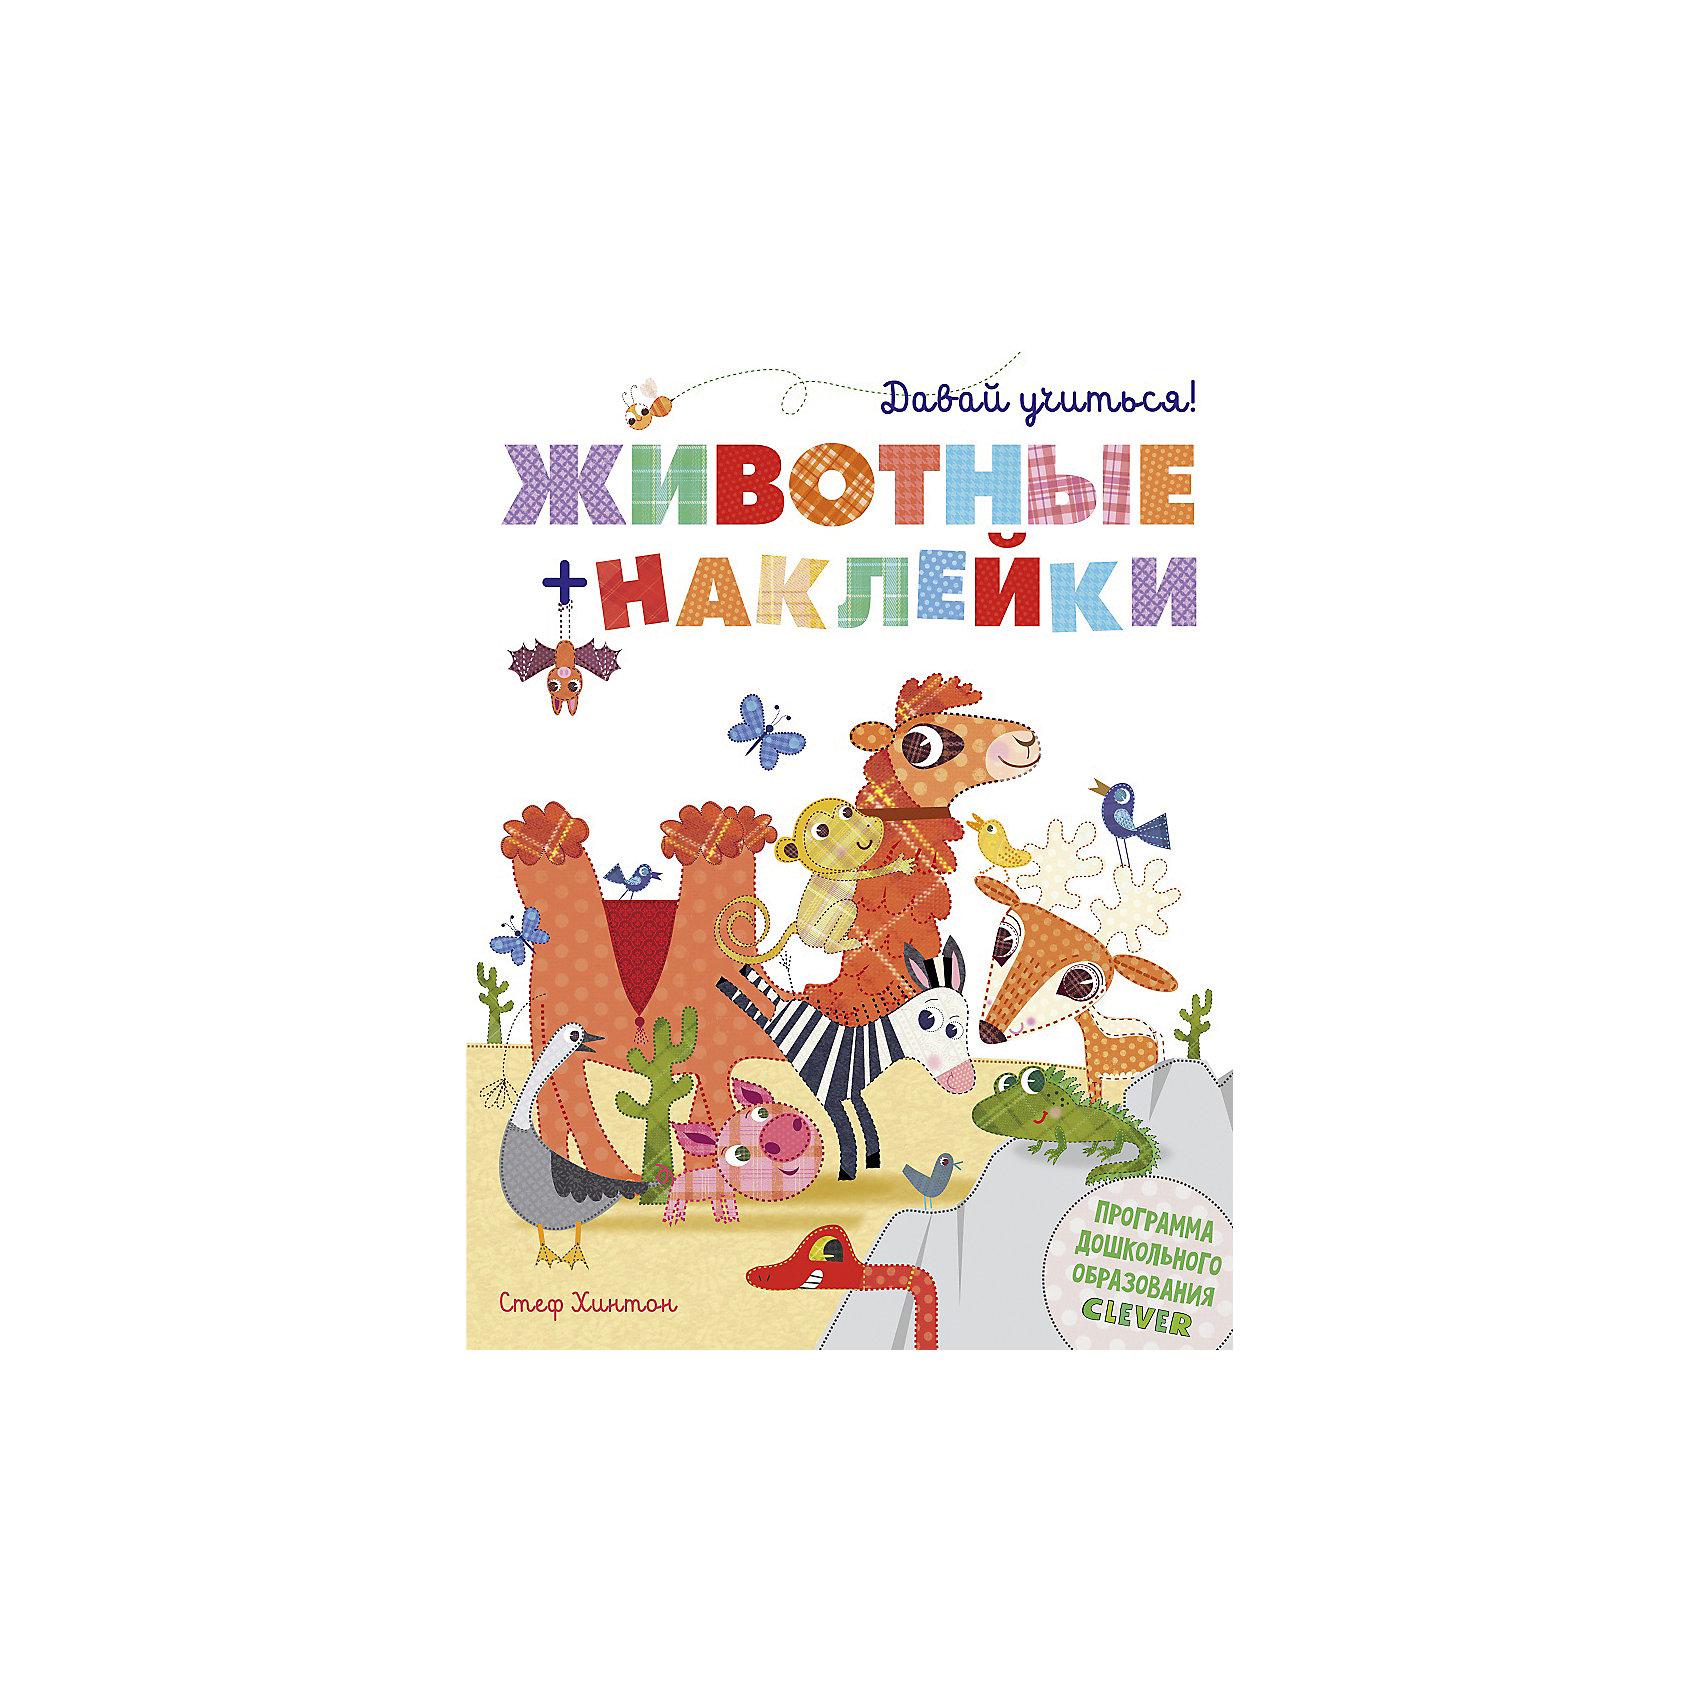 Давай учиться! Животные + наклейкиКнижки с наклейками<br>Книги – классический вариант обучения малыша. Наклейки добавляют книгам современности и притягивают интерес малыша к каждой страничке. Издание «Давай учиться! Животные + наклейки» разработано специалистами в области раннего обучения ребенка. Сборник содержит множество красочных и ярких иллюстраций, которые понравятся и взрослым и детям. Каждое увлекательное задание книги направлено на развитие какого-либо качества у ребенка. Малыш научится читать, писать, считать и понимать задания сам. Увлекательные задания, интересные лабиринты, ребусы и художественное оформление сделали книгу настоящим бестселлером в своем отделе!<br><br>Дополнительная информация:<br><br>формат: 22 х 29 см;<br>страниц: 28;<br>мягкая обложка.<br><br>Издание «Давай учиться! Животные + наклейки» можно приобрести в нашем магазине.<br><br>Ширина мм: 285<br>Глубина мм: 215<br>Высота мм: 10<br>Вес г: 160<br>Возраст от месяцев: 48<br>Возраст до месяцев: 72<br>Пол: Унисекс<br>Возраст: Детский<br>SKU: 4976123